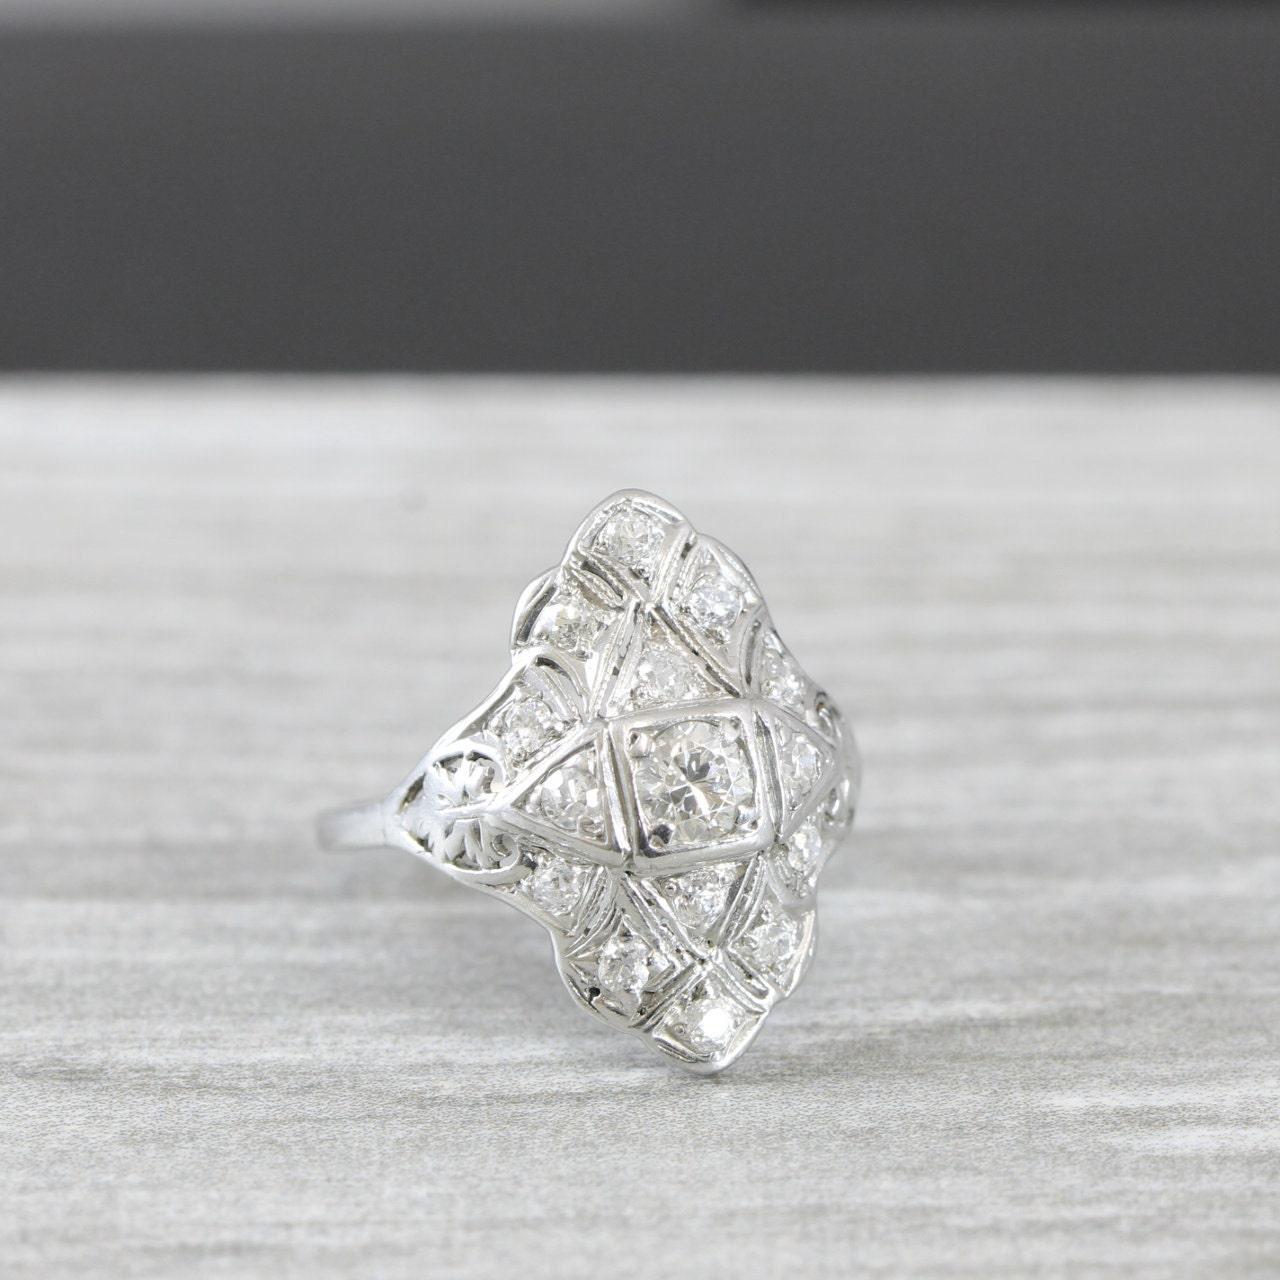 Art deco 1920s diamond cluster ring in platinum handmade antique